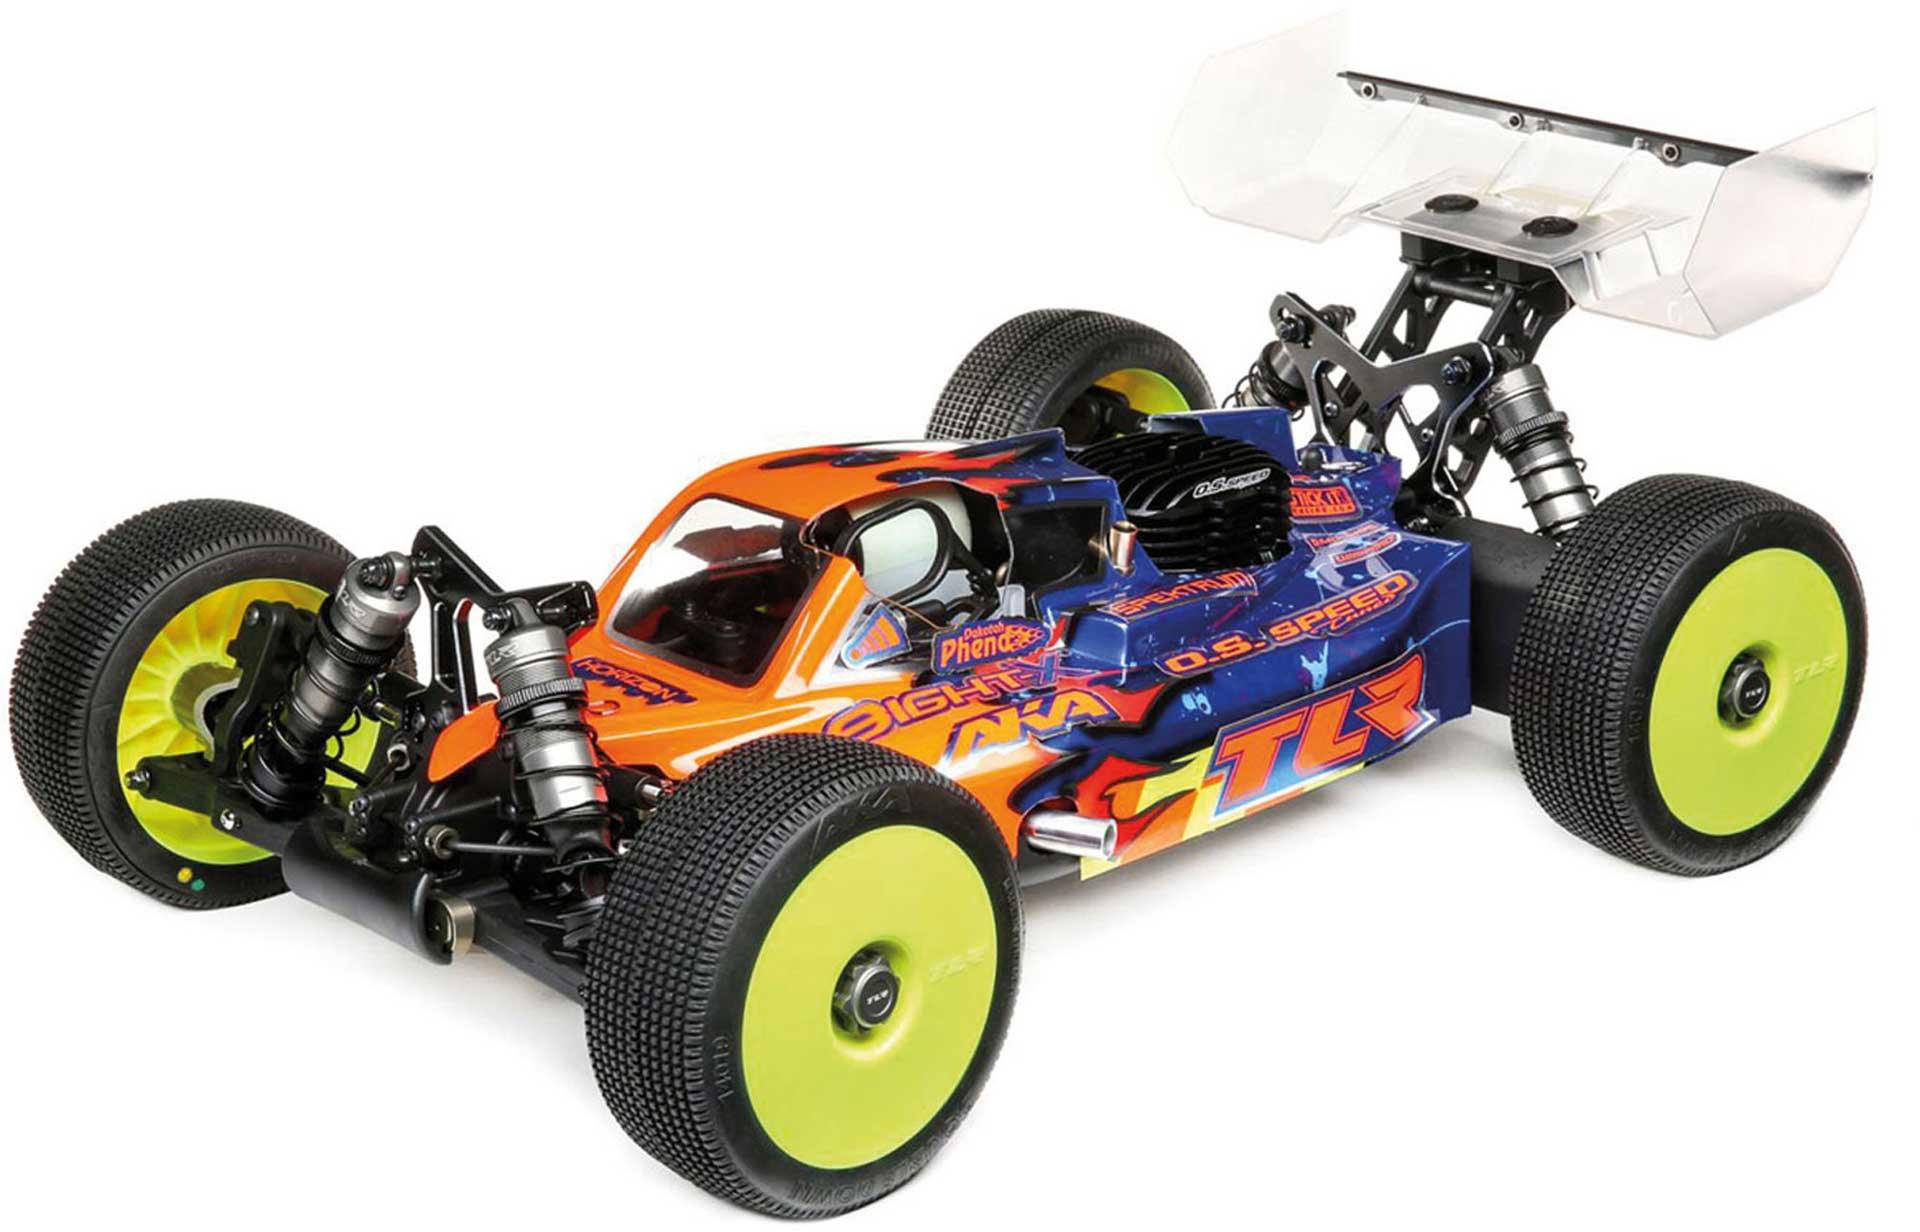 LOSI 8IGHT-X ELITE RACE KIT:1/8 4WD NITRO BUGGY